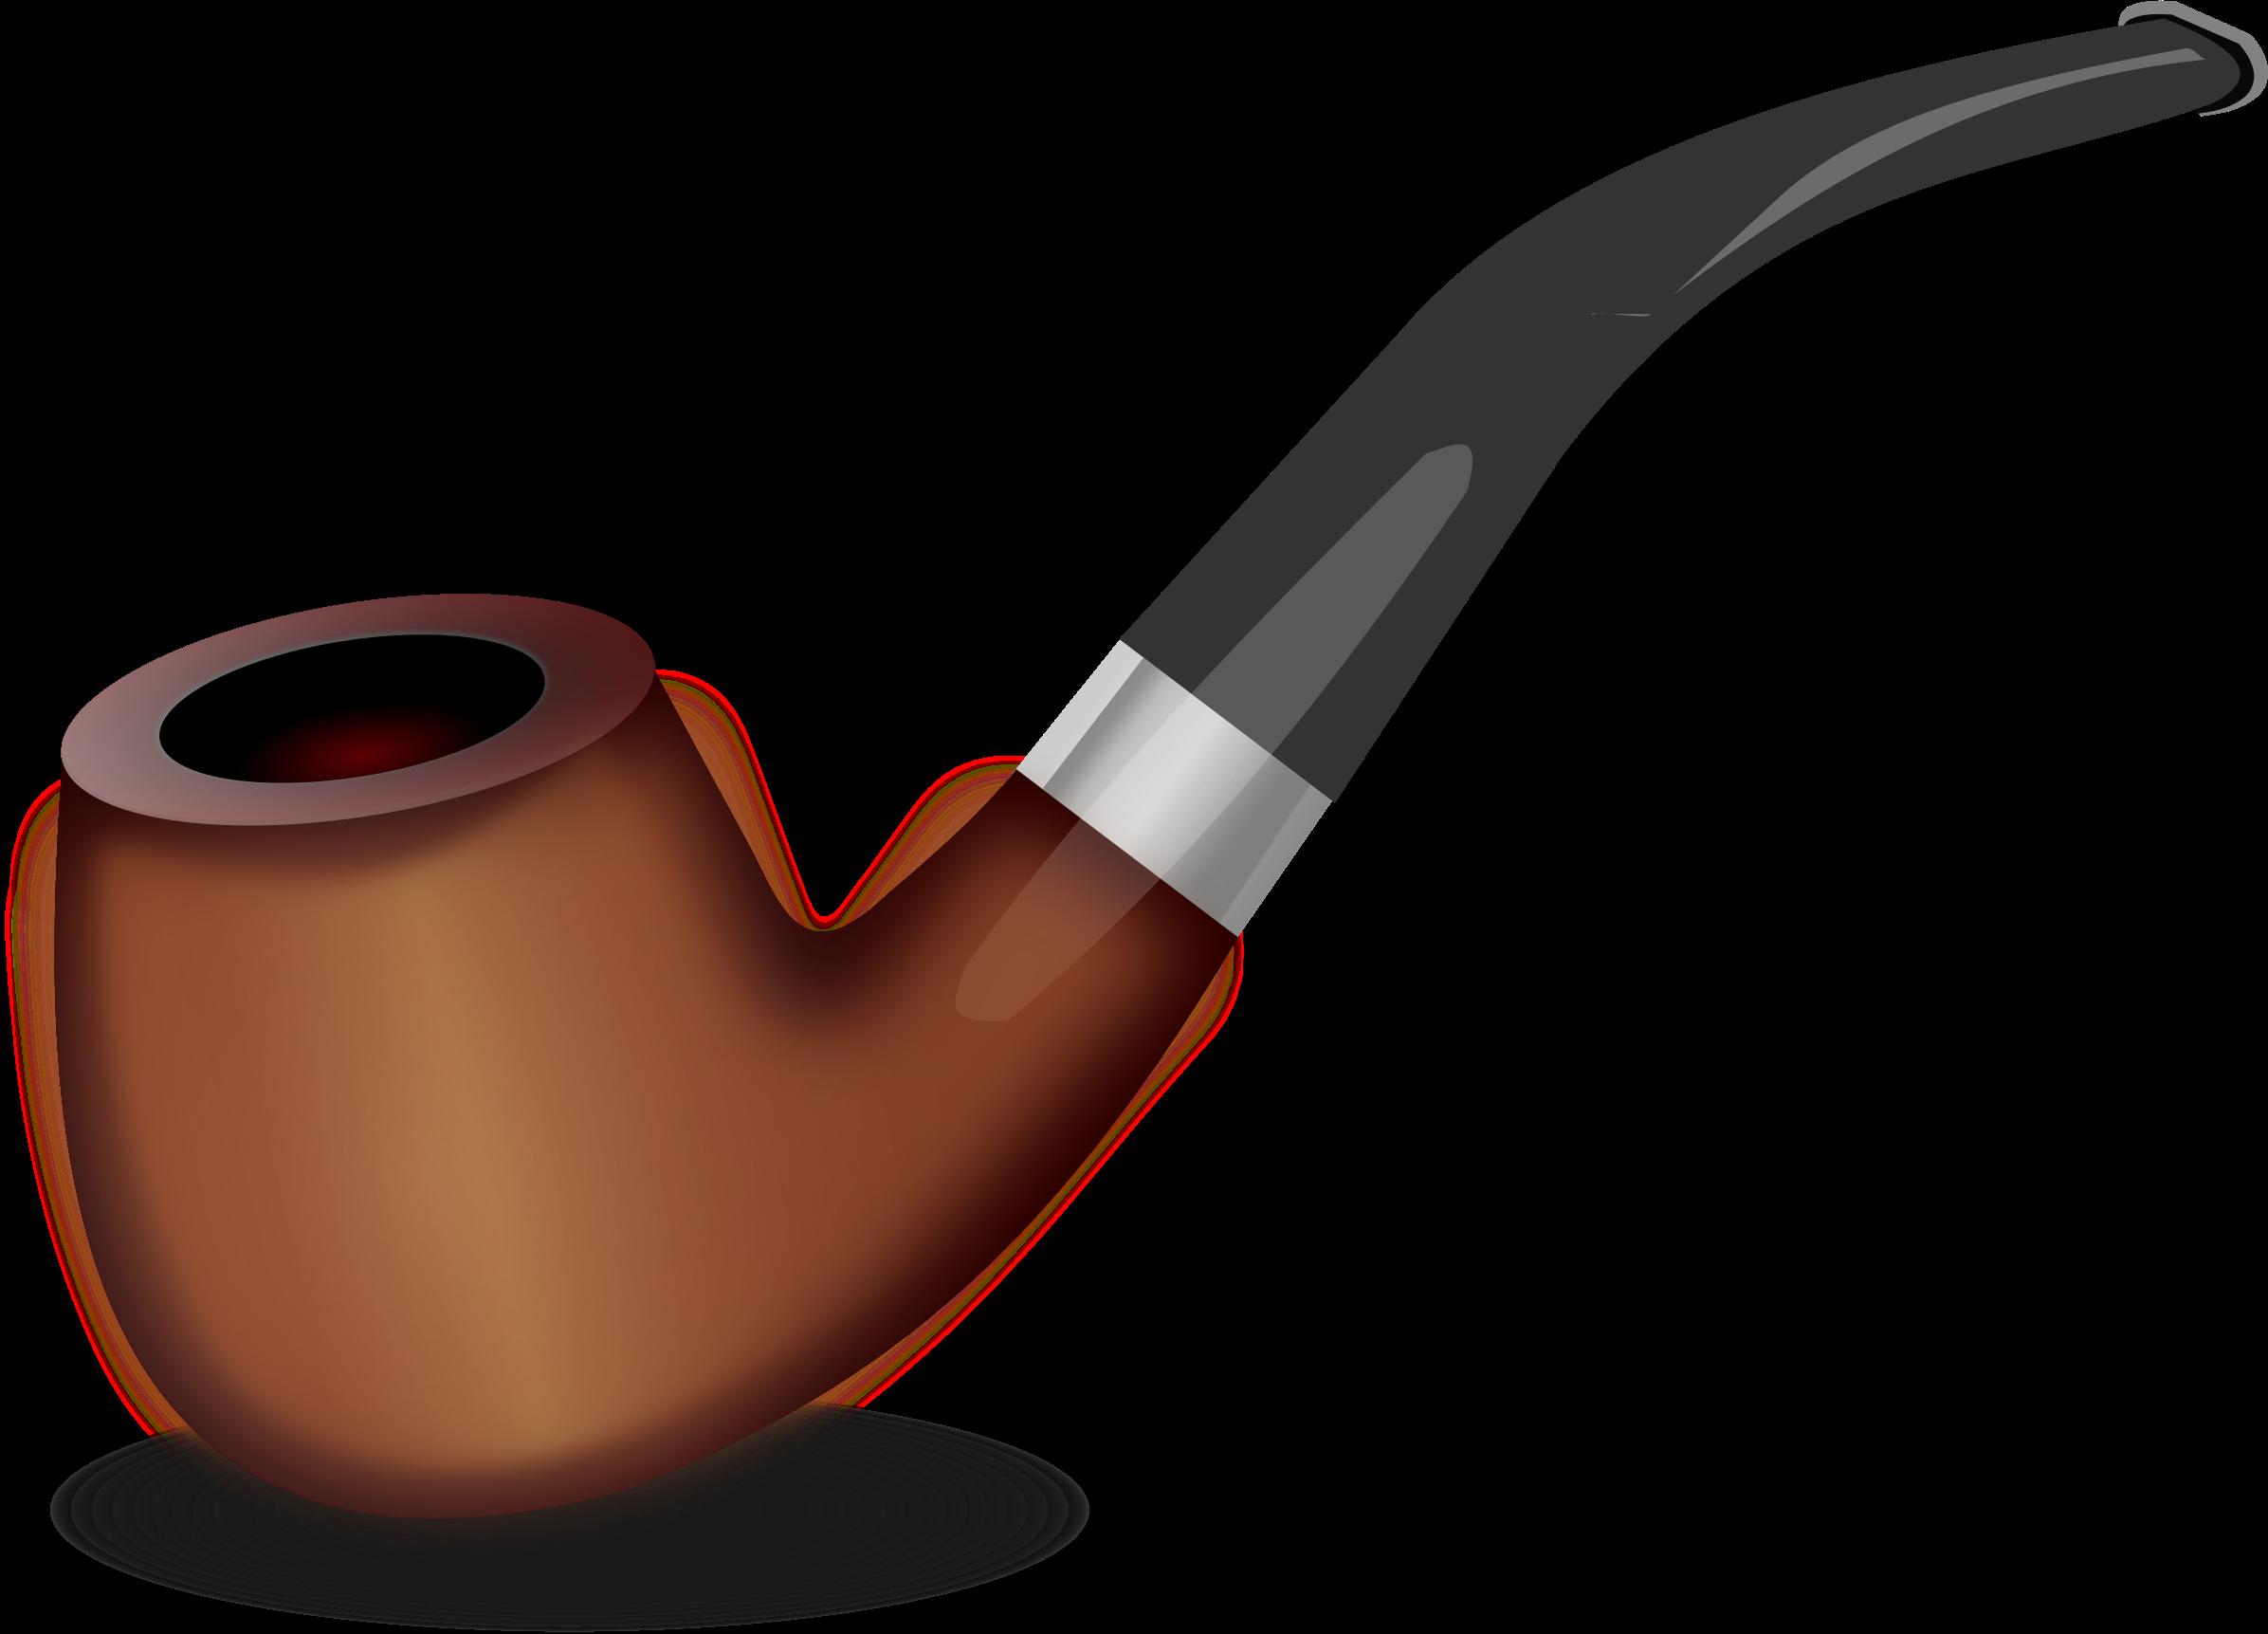 Pipe clipart small. Clip art vector site